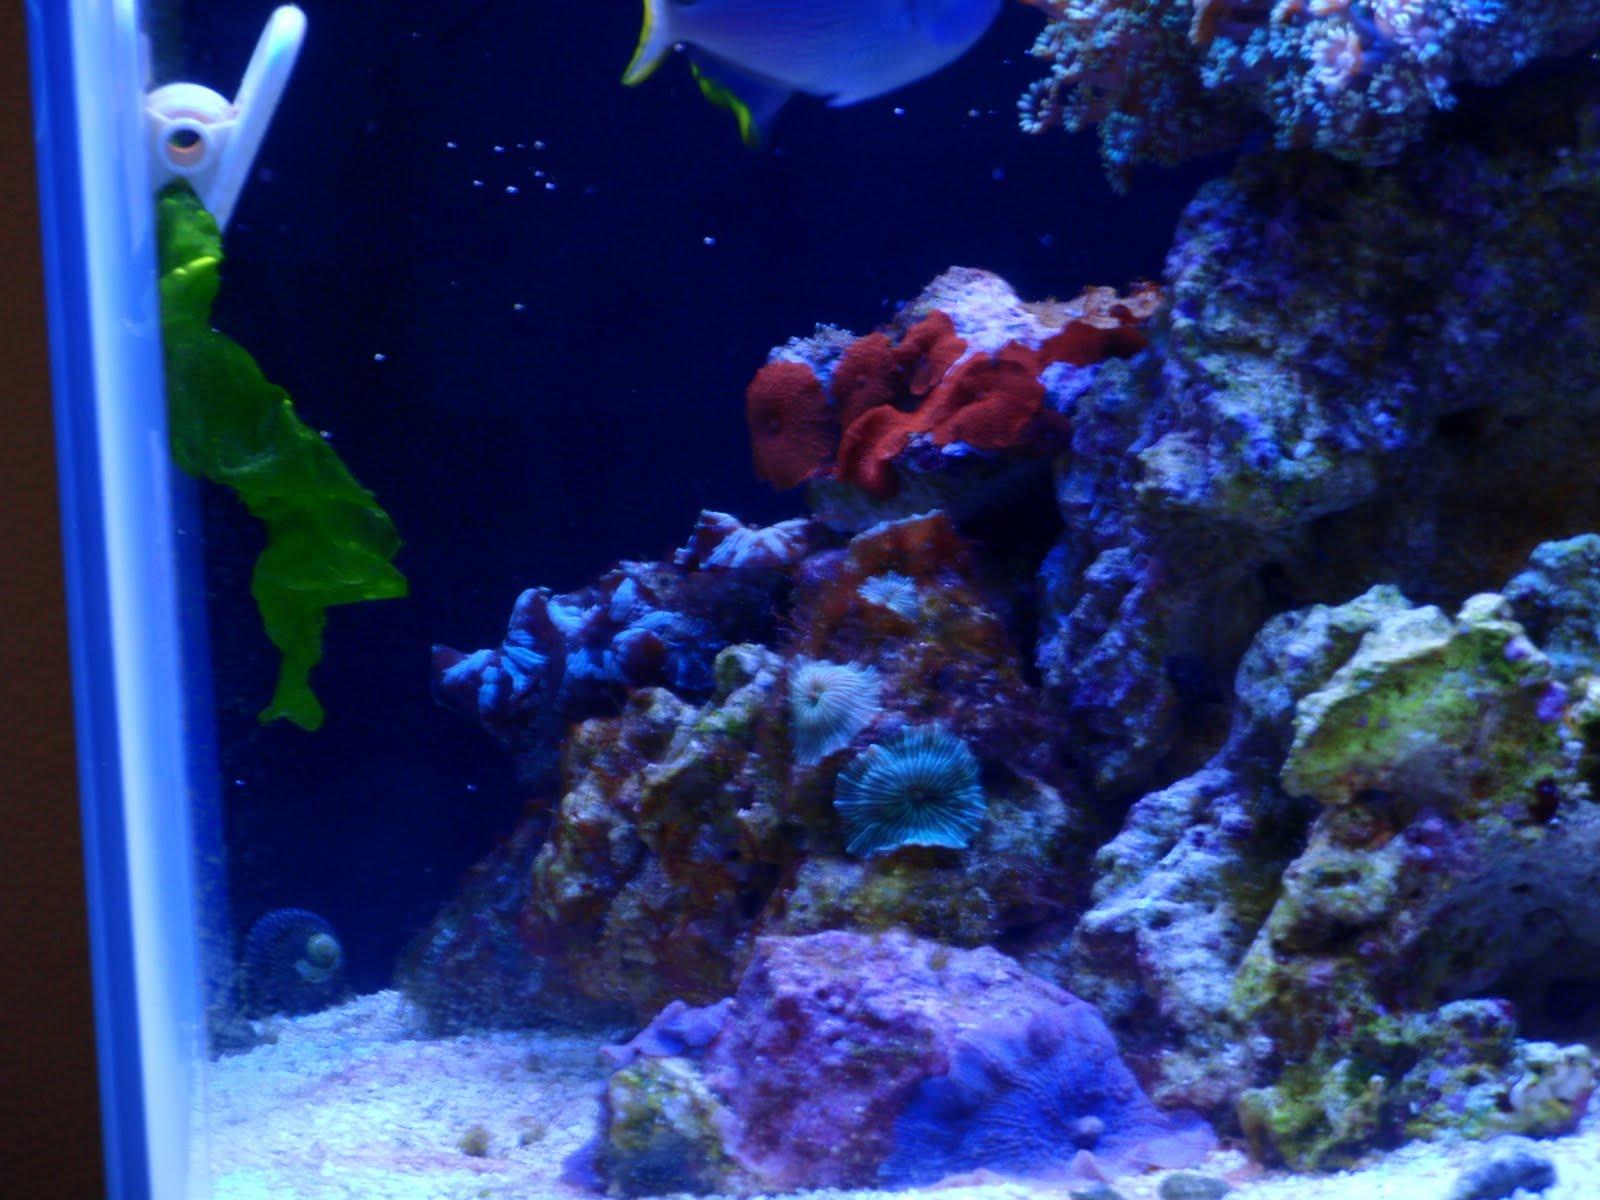 Trials and Tribulations of a Reef Aquarium September 2010